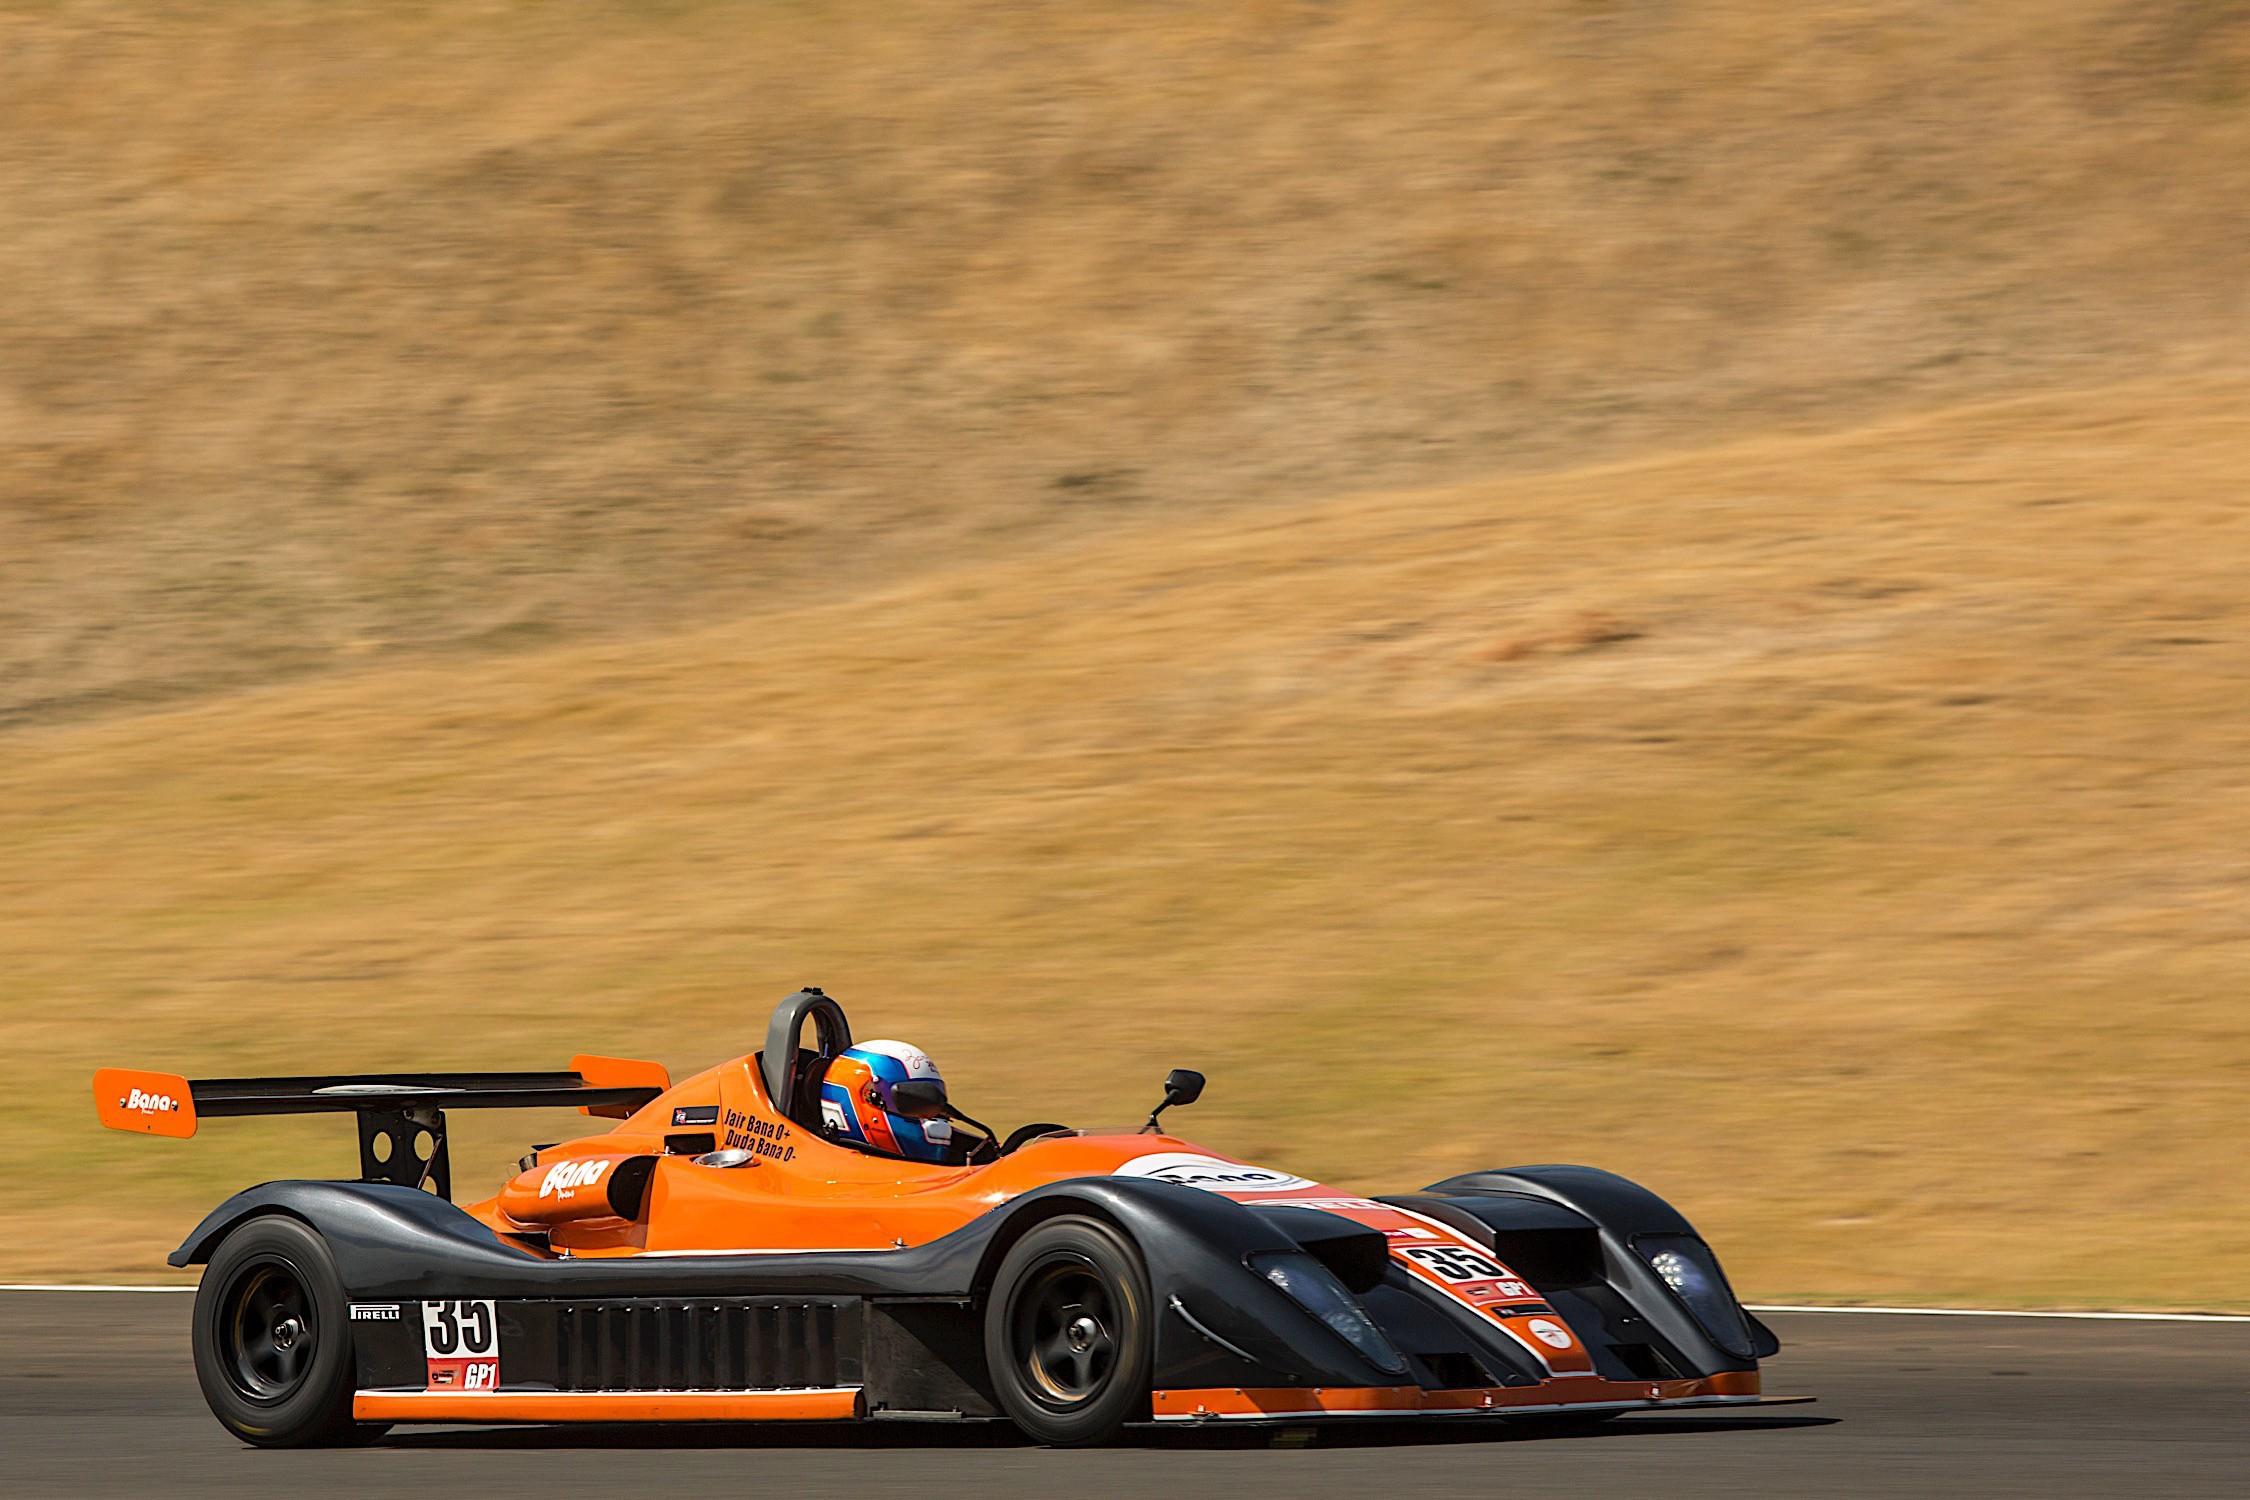 #35 dos pilotos Jair Bana_Carlos Bana (Foto: Bruno Terena)